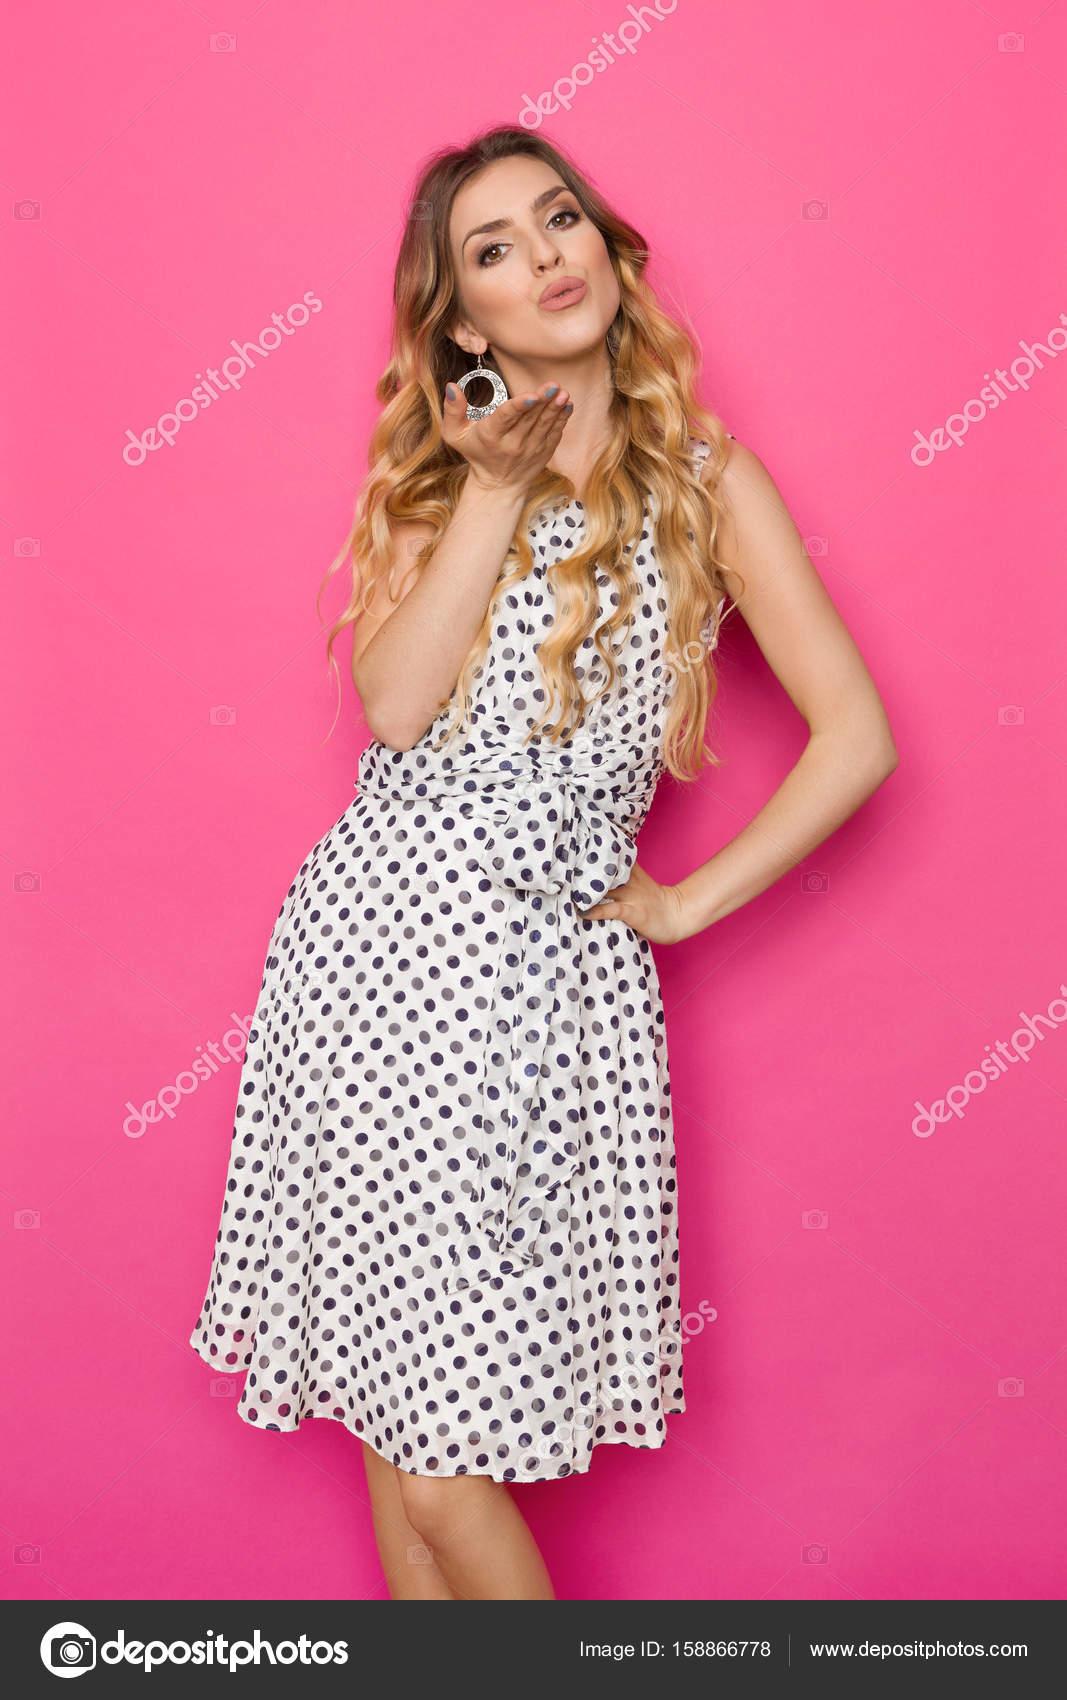 56b7b7ff4466 Vacker kvinna i vit prickig klänning blåser en puss — Stockfotografi ...